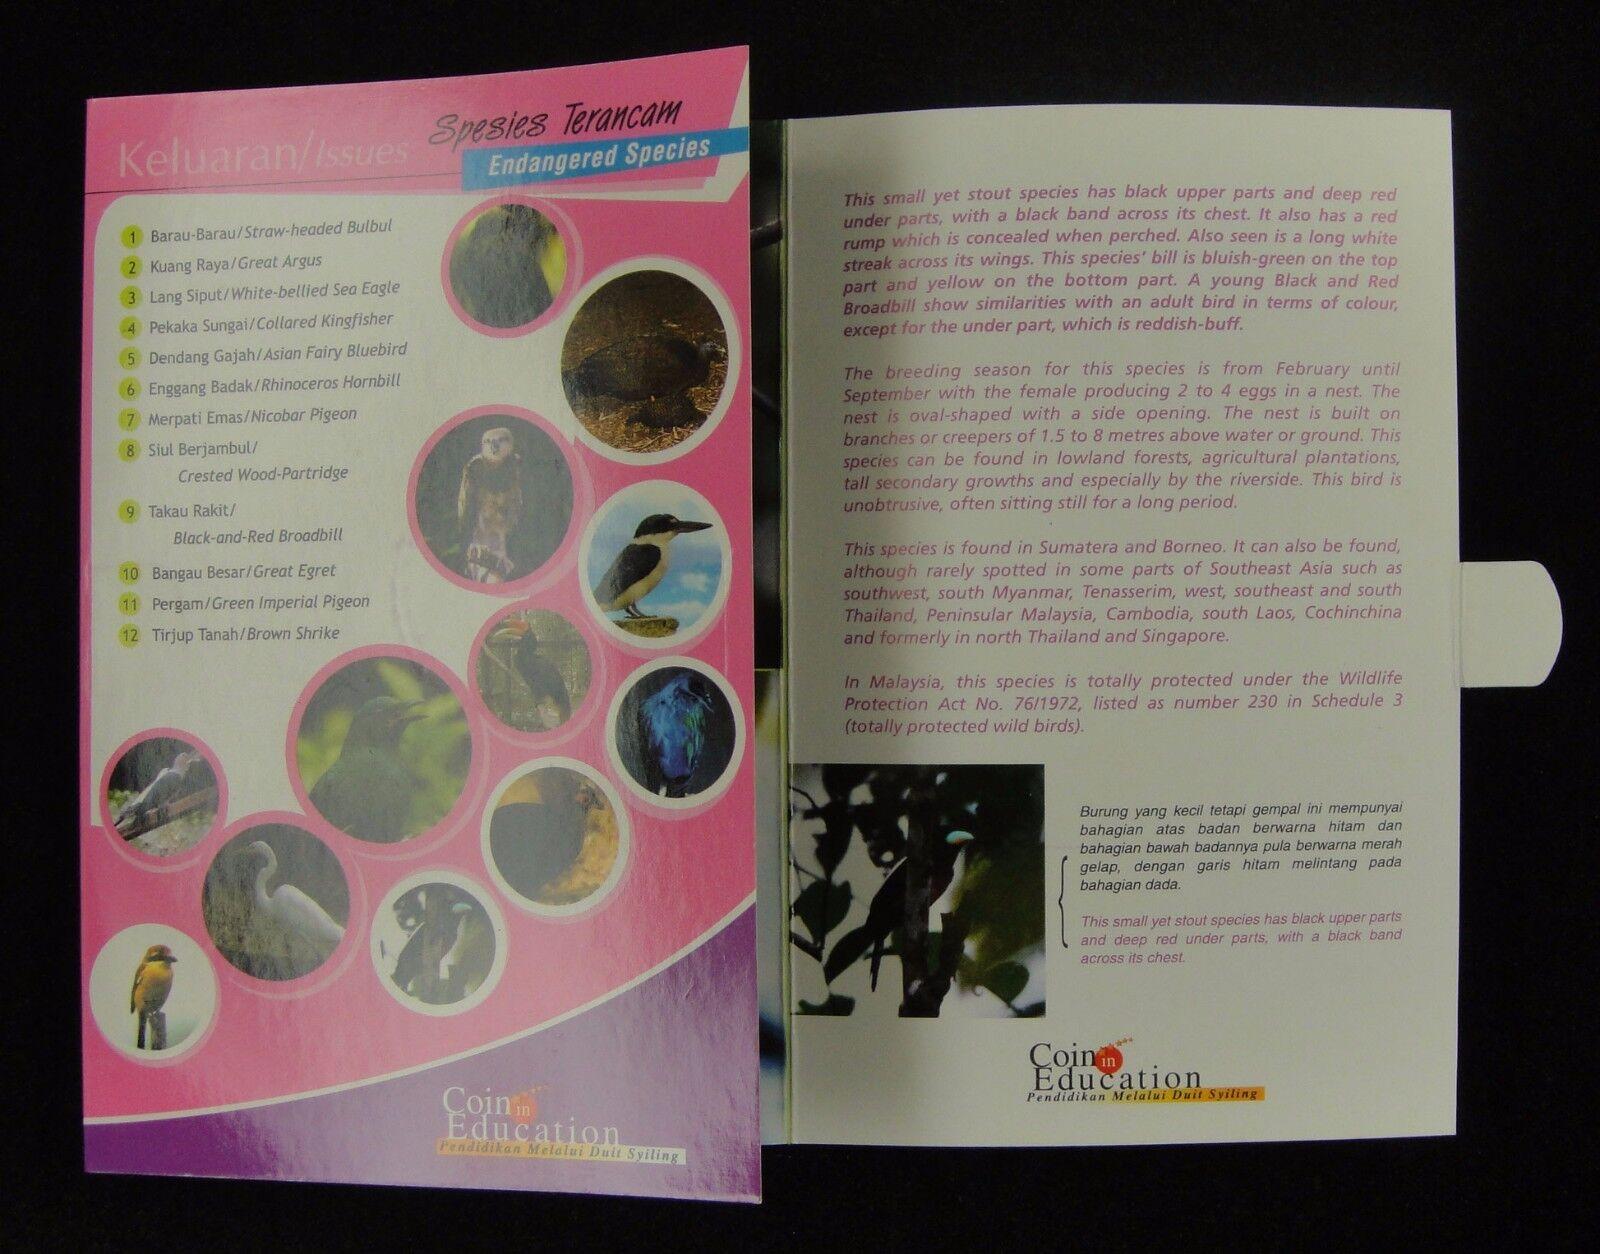 Card Coins Malaysia 25 Sen 12 Bird Endangered 2005 Brown Shrike booklet